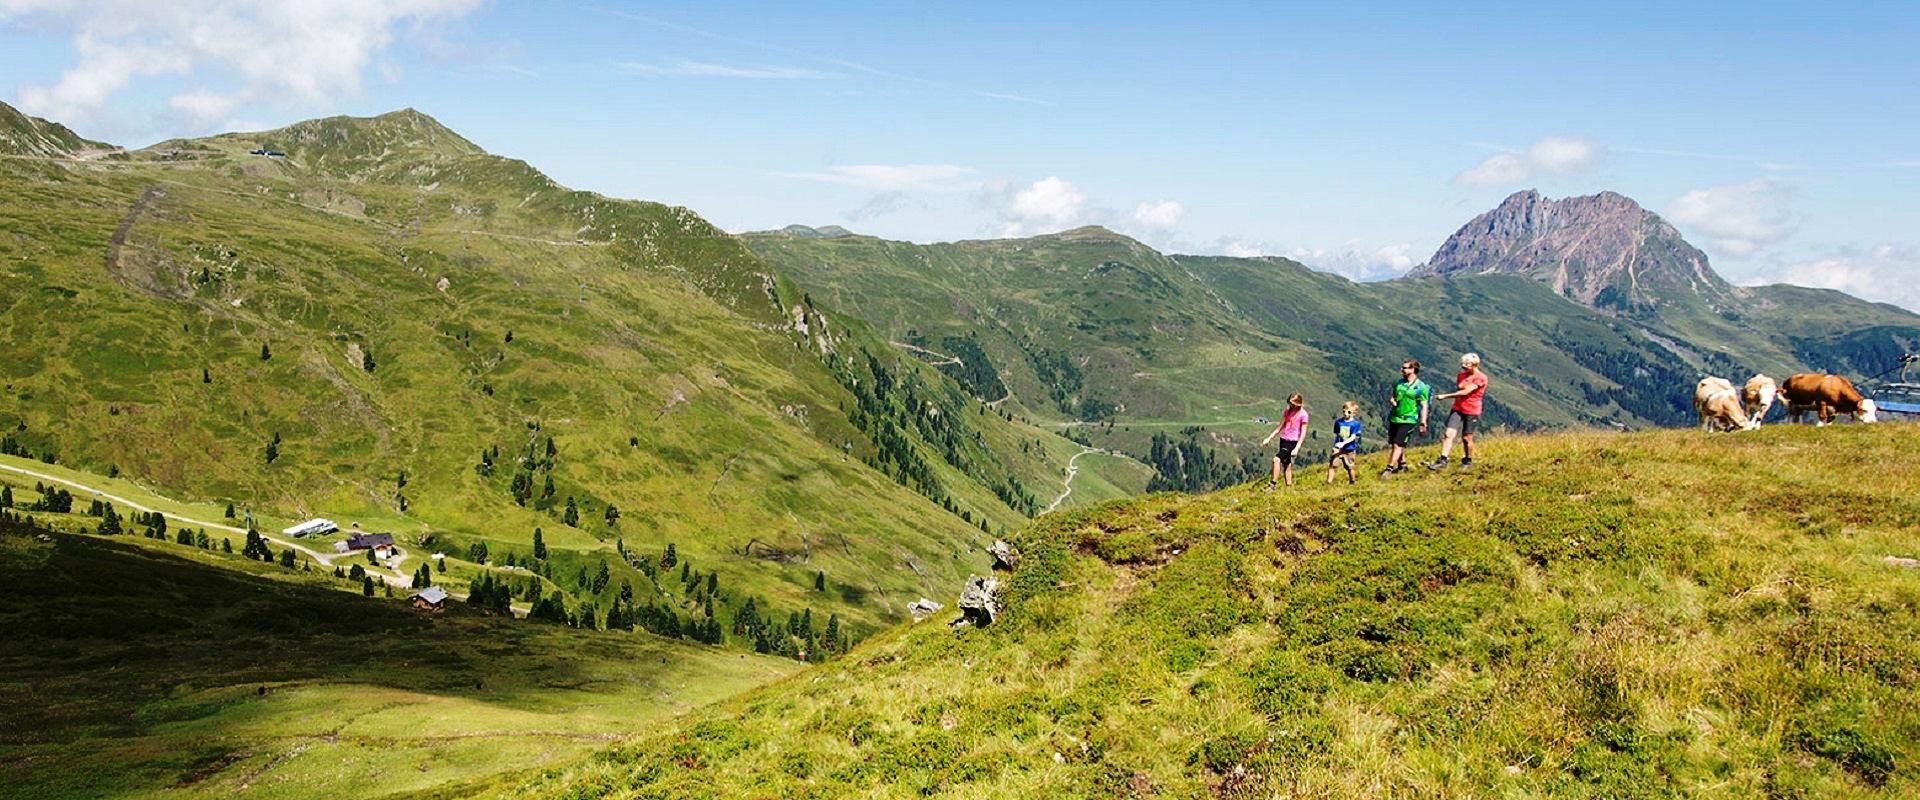 Sommerurlaub Niedernsill02